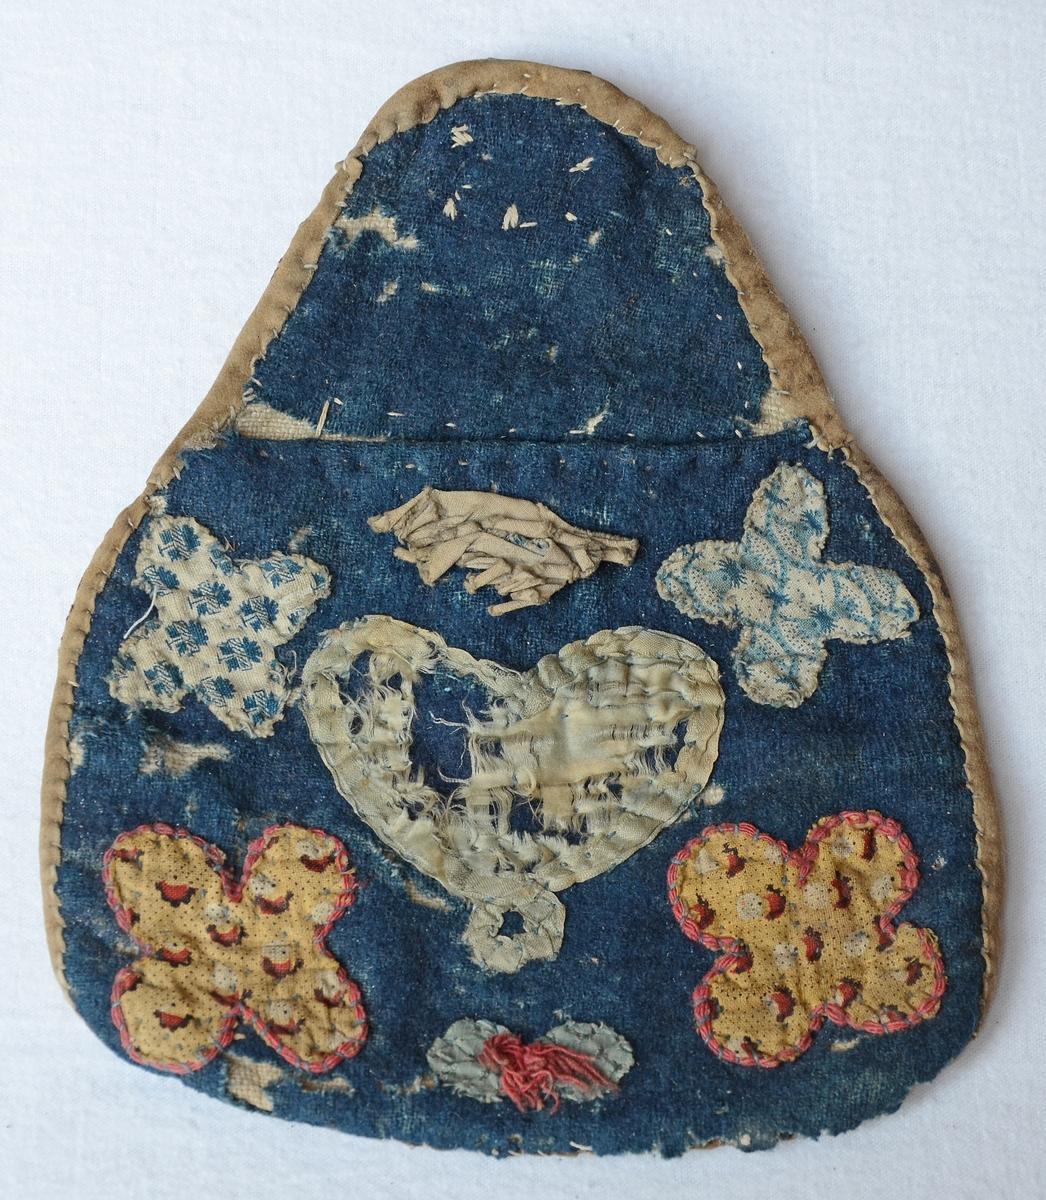 Kjolväska med applikationer av siden och mönstrade bomullstyger på blått ylletygsbotten. Väskan har en baksida av skinn och hake av mässing. Iinsidan är fodrad med grovt linne.